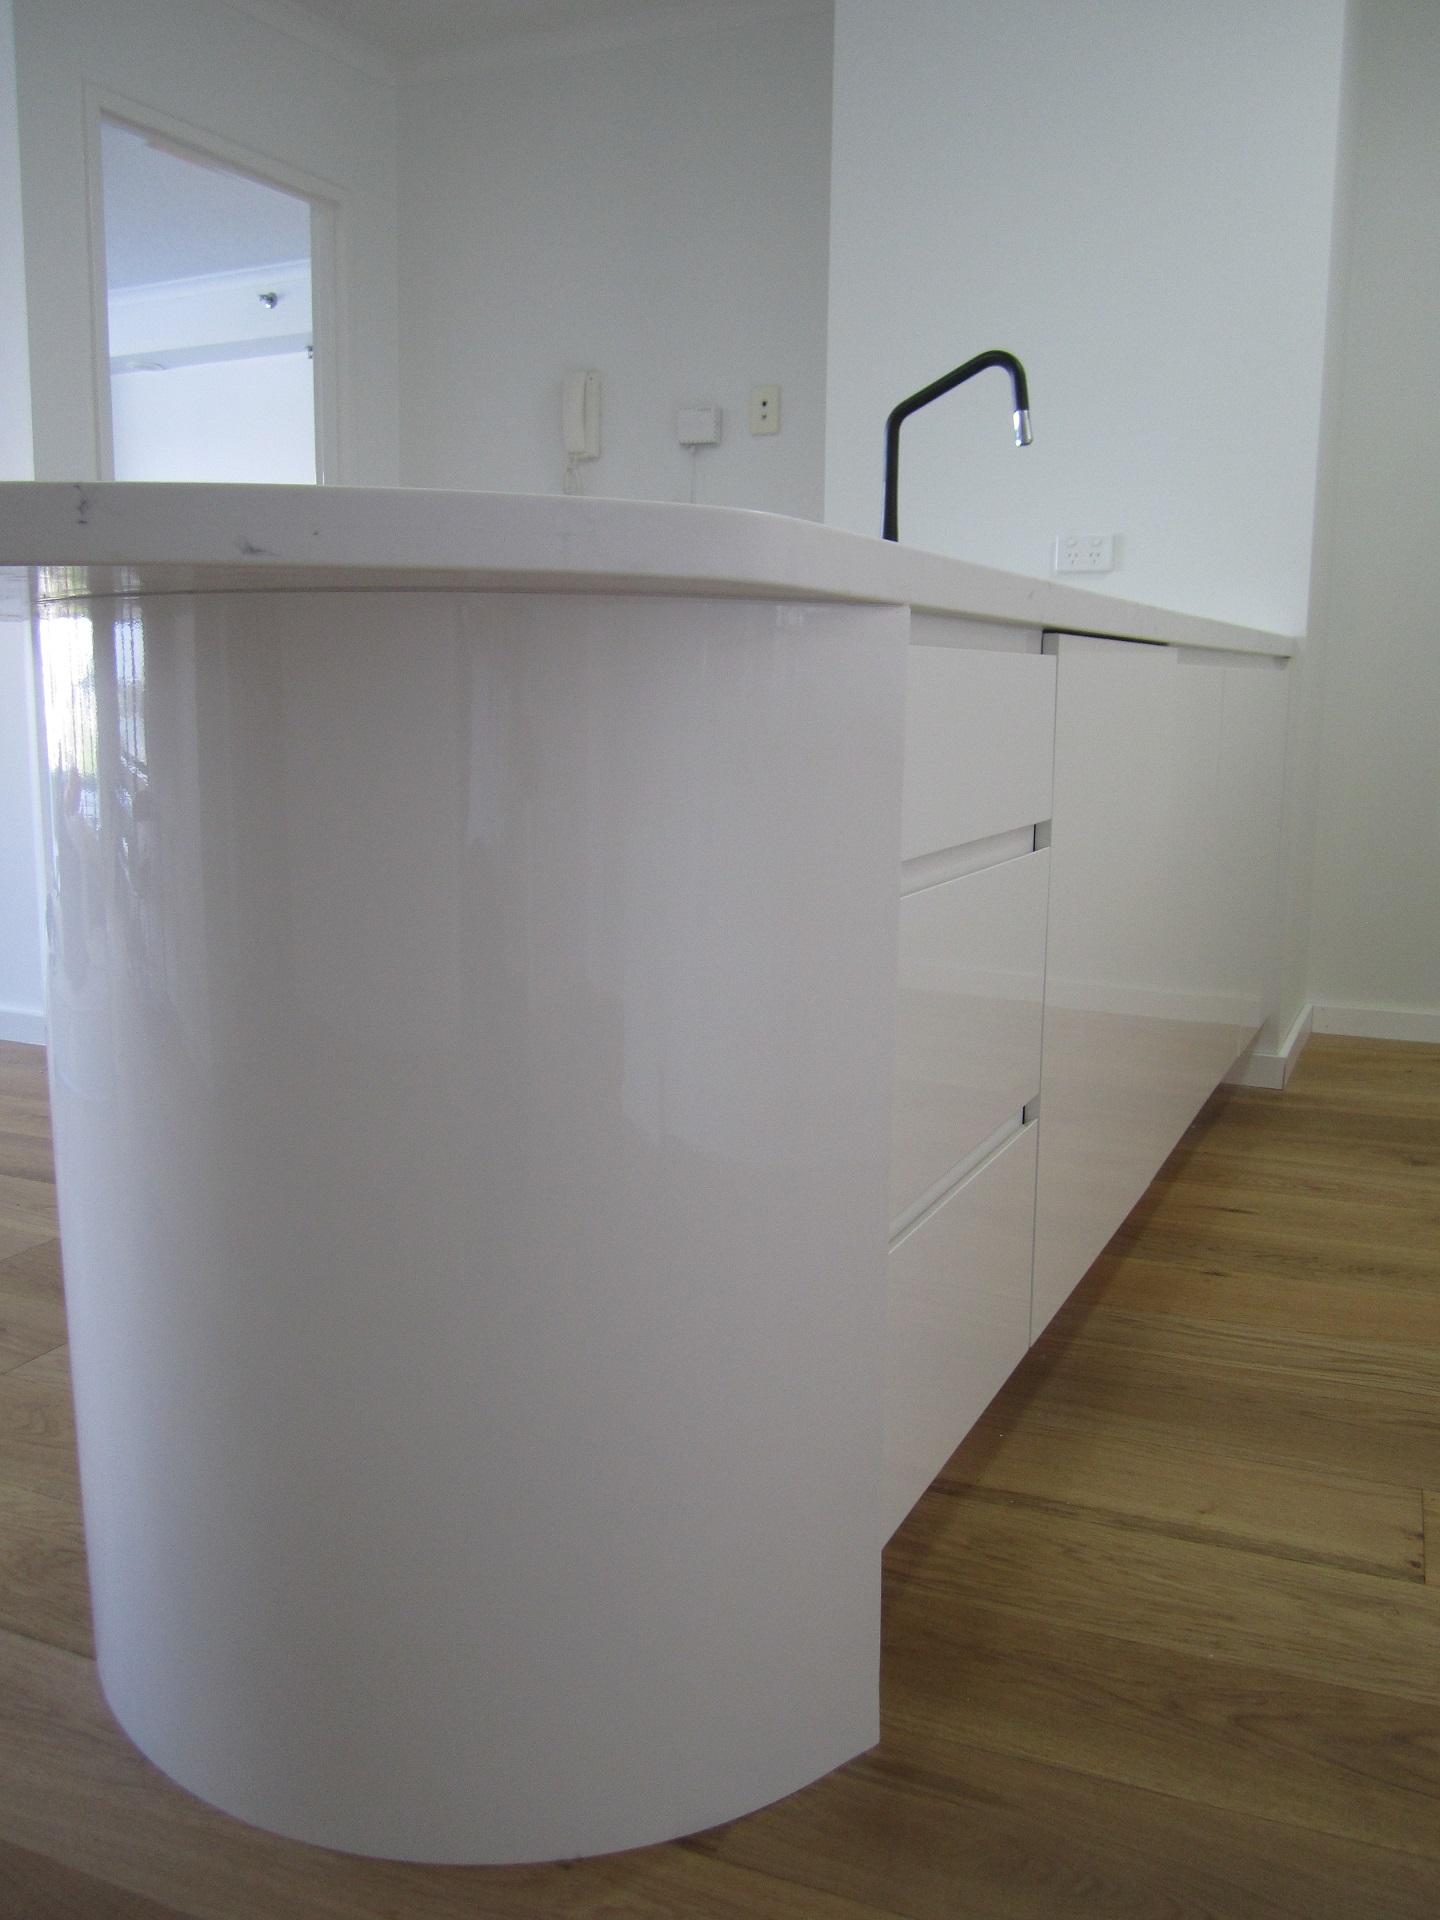 Brisbane Kitchen Design Brisbane City Contemporary Kitchen Renovation Curved Island